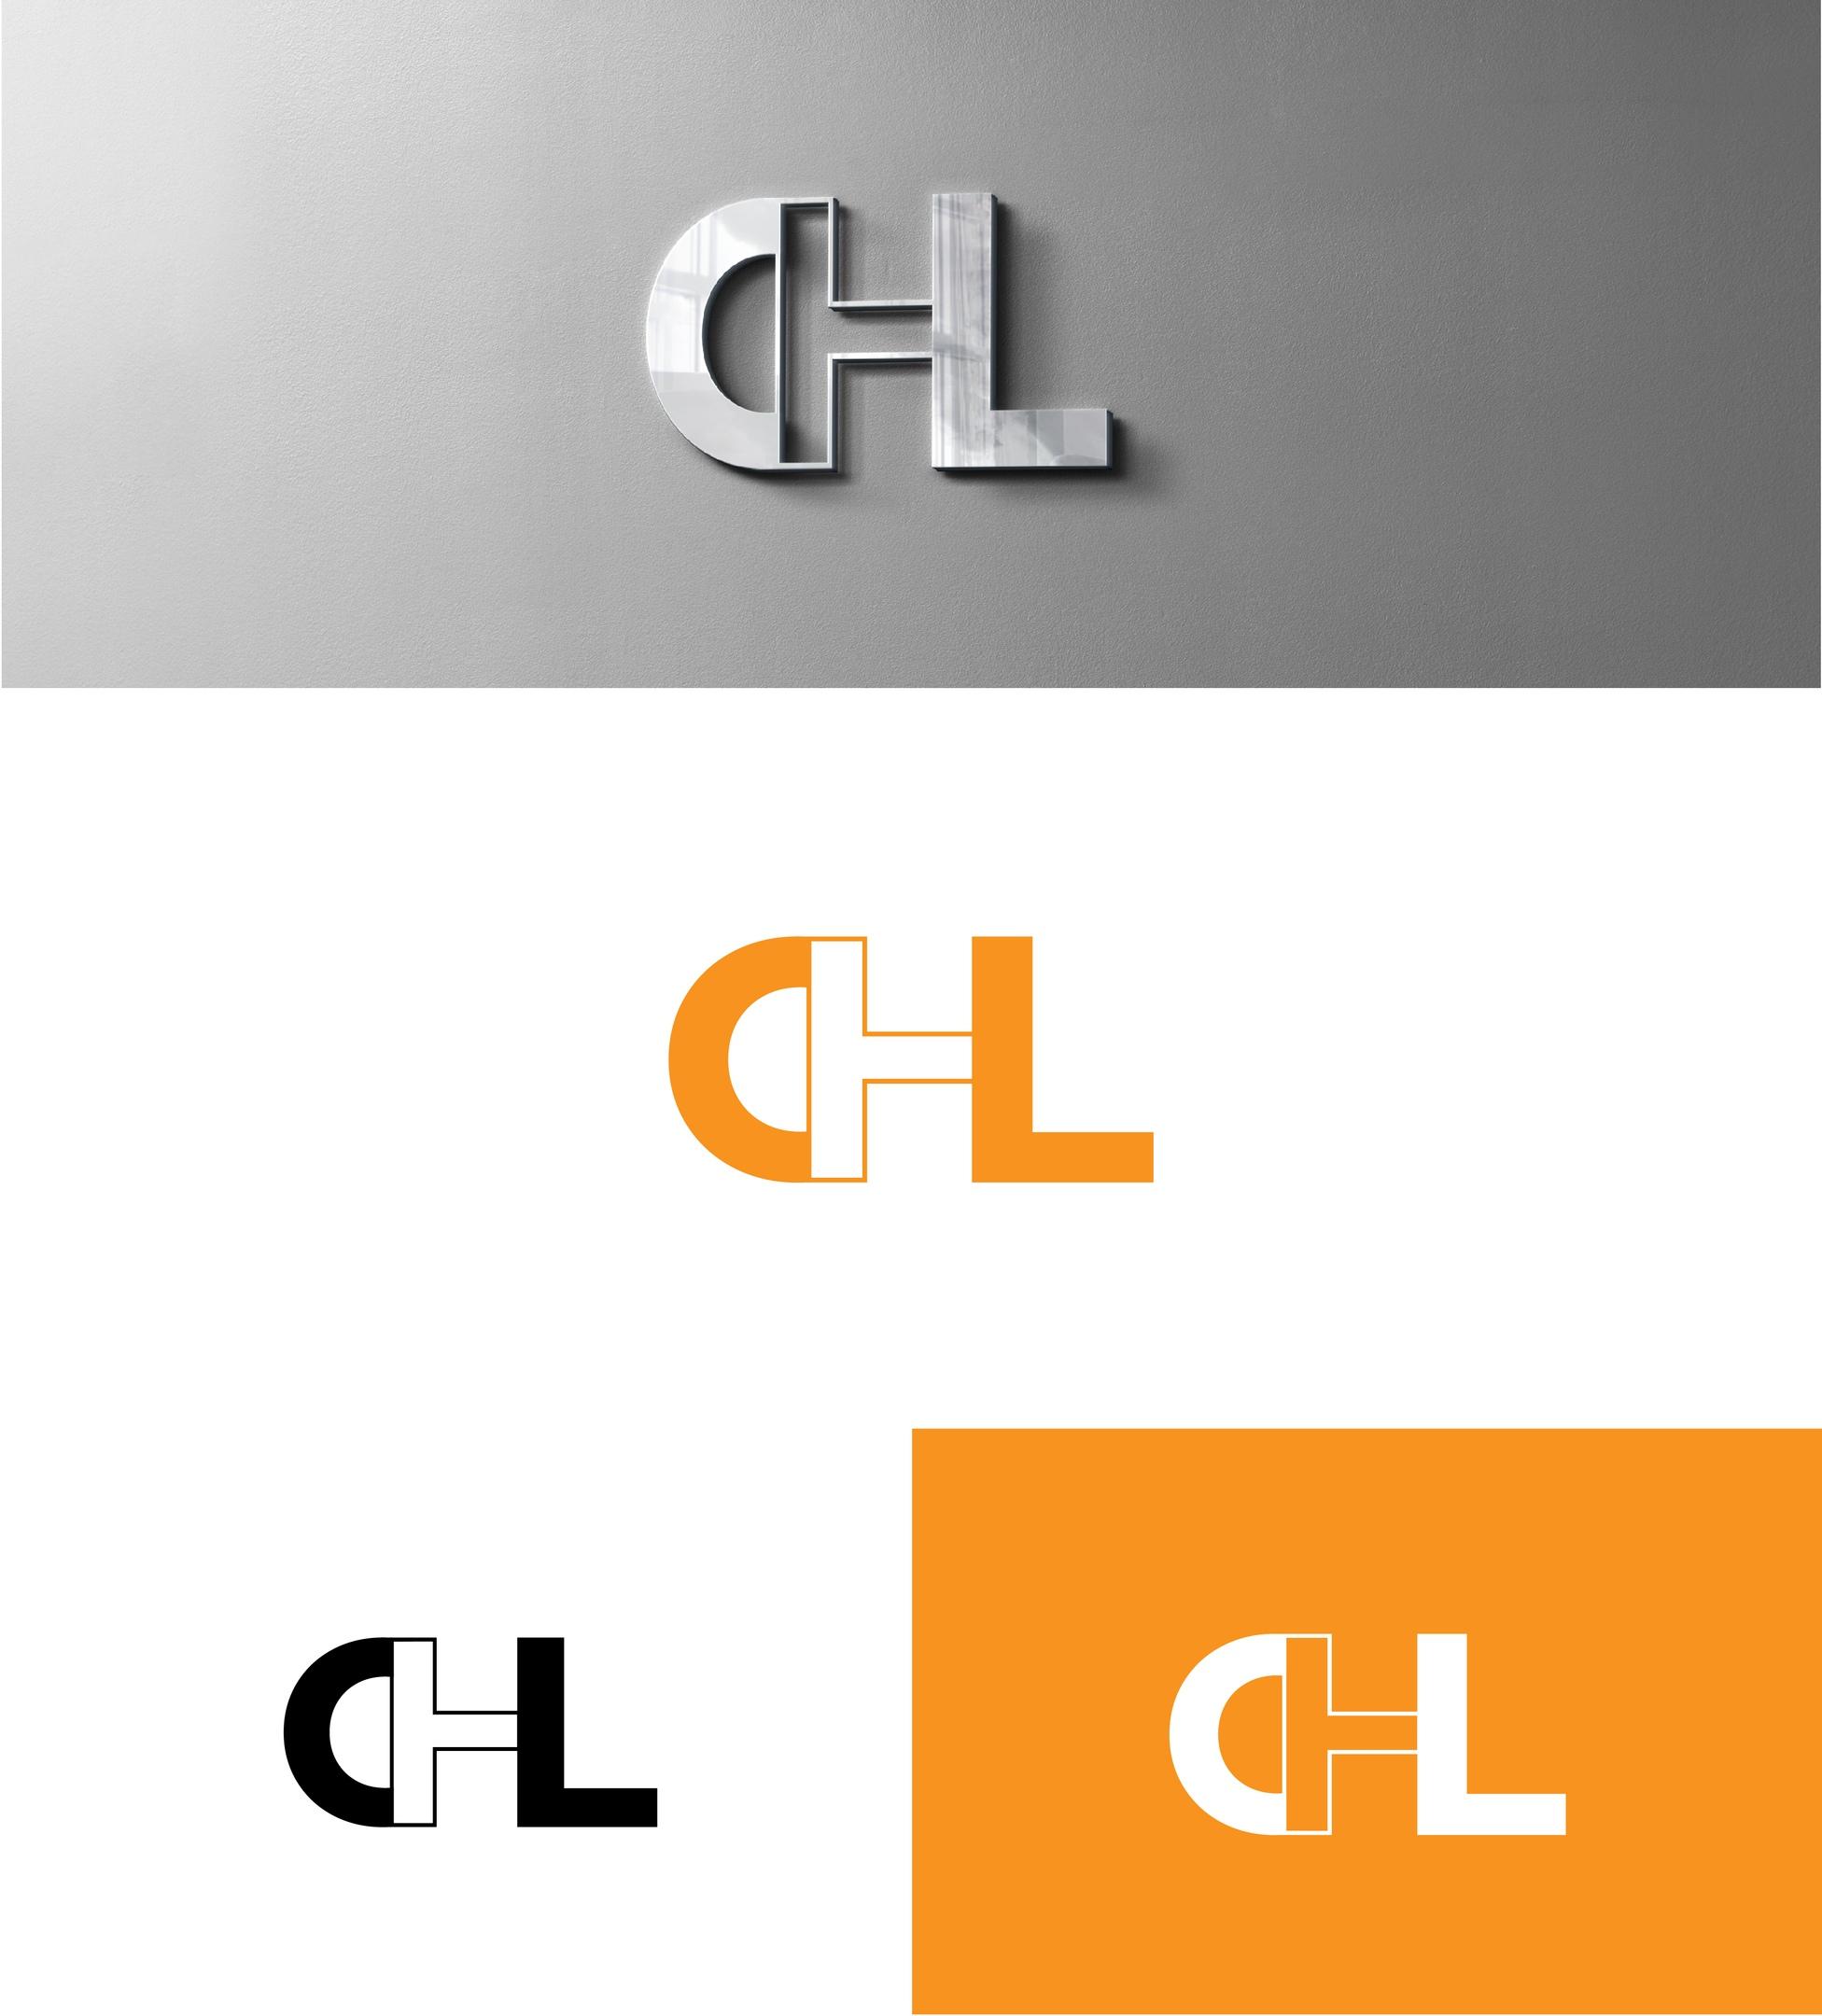 разработка логотипа для производителя фар фото f_9195f5cb18bbad25.jpg